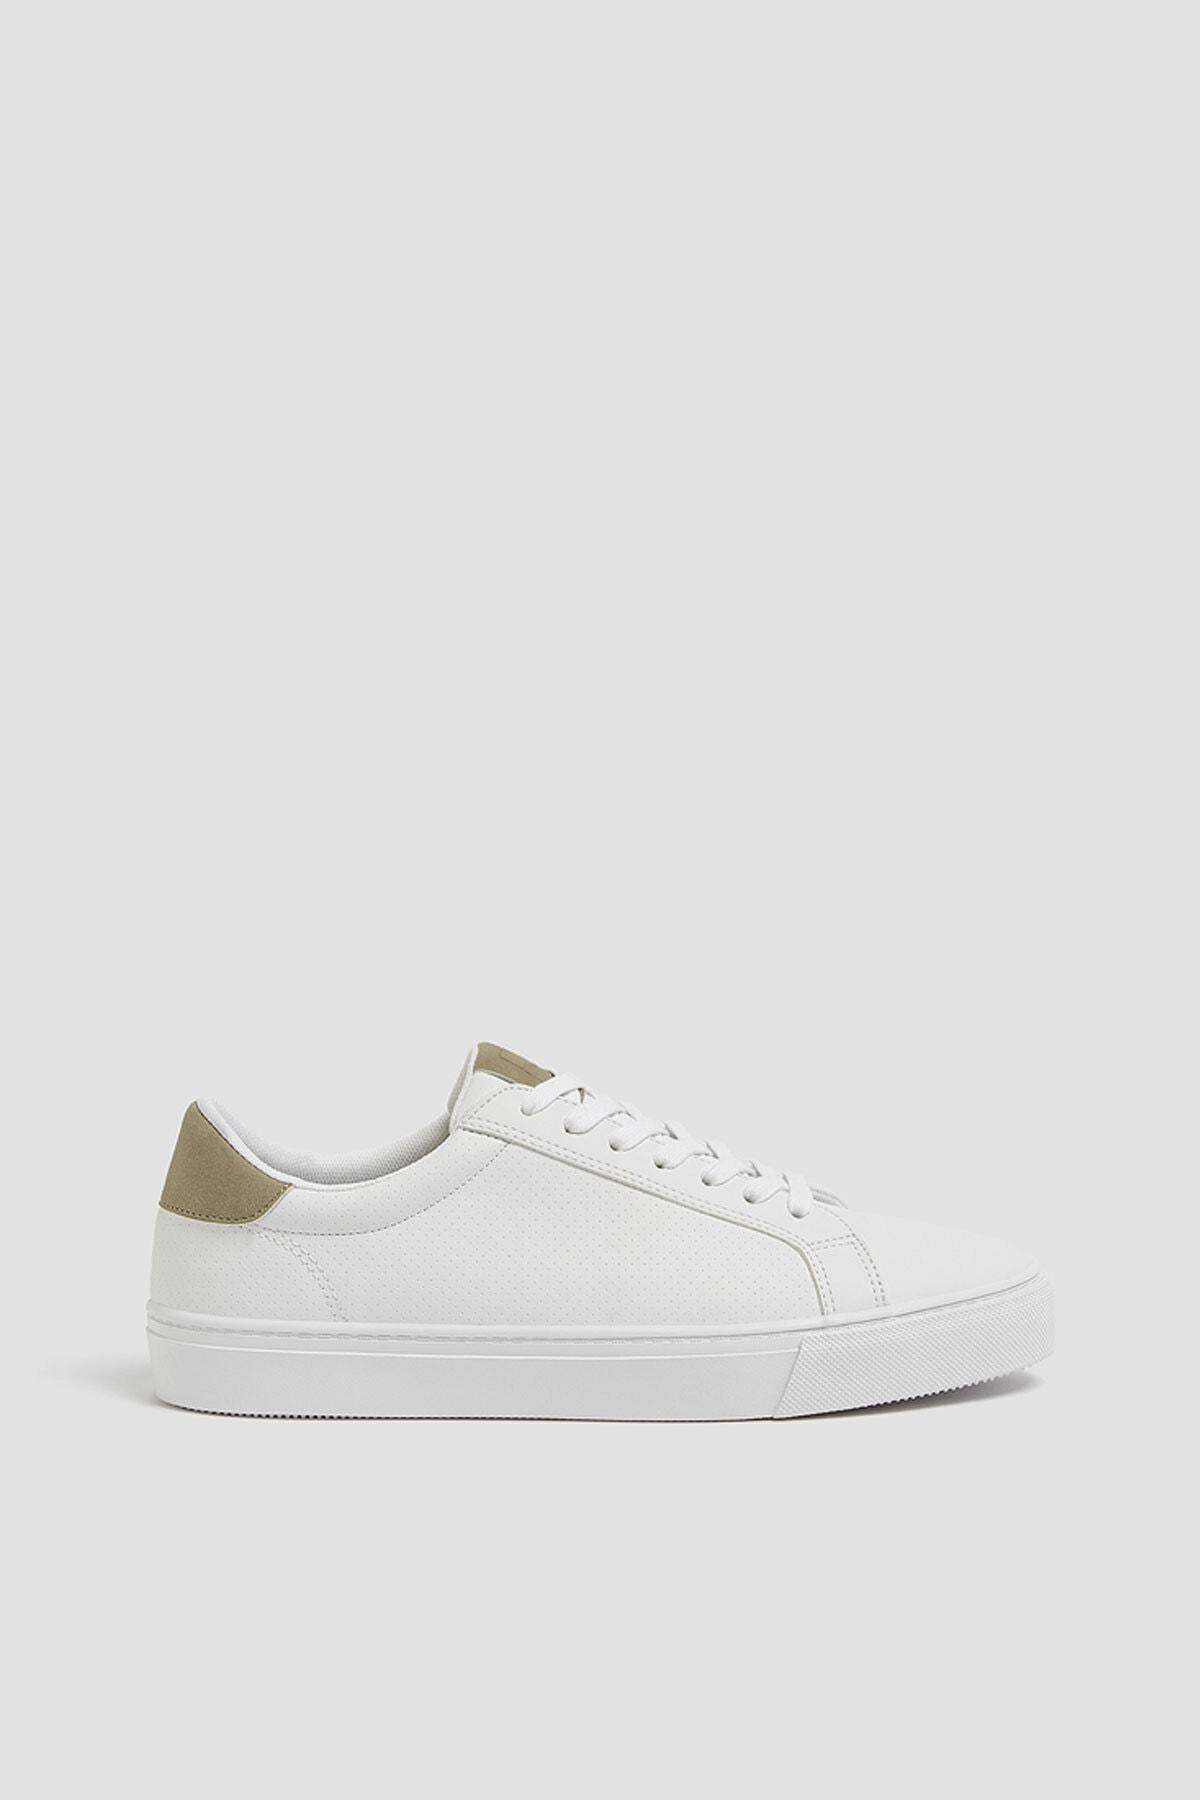 Pull & Bear Erkek Beyaz Mikro Delikli Spor Ayakkabı 12204640 0